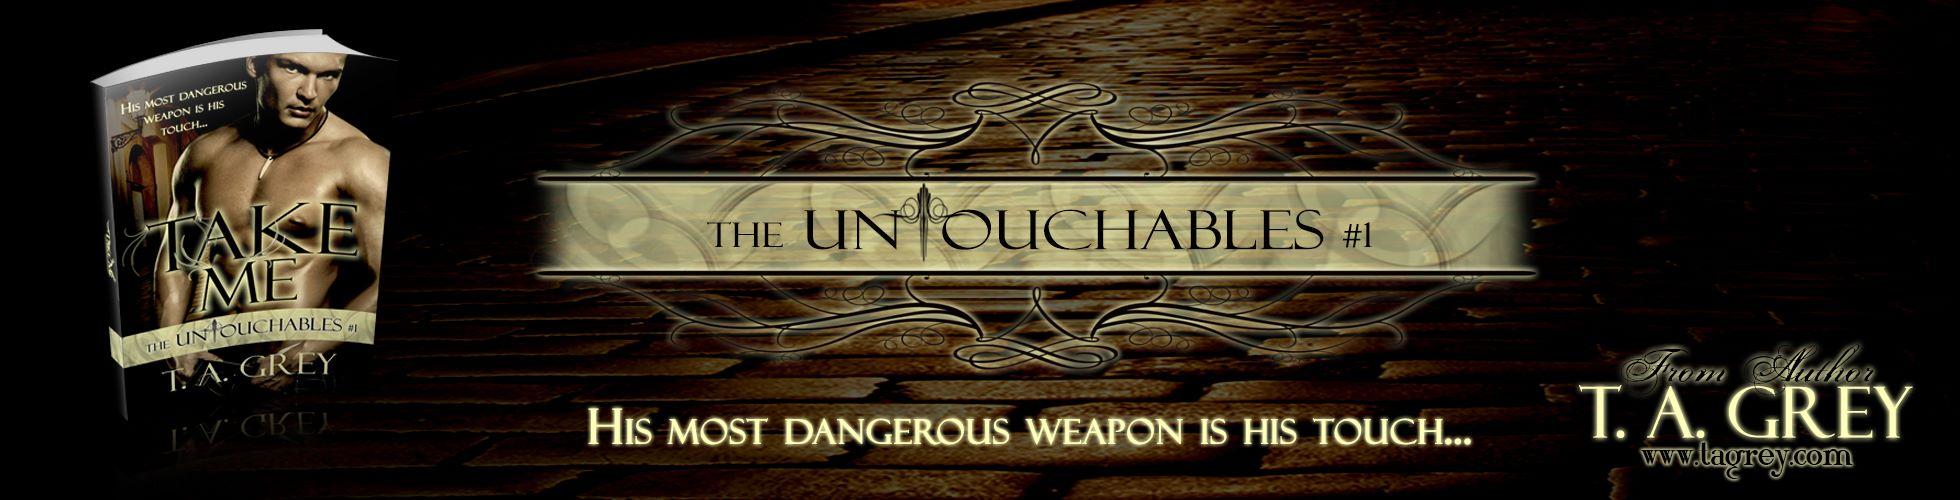 Take Me by T.a. Grey An Untouchables Novel